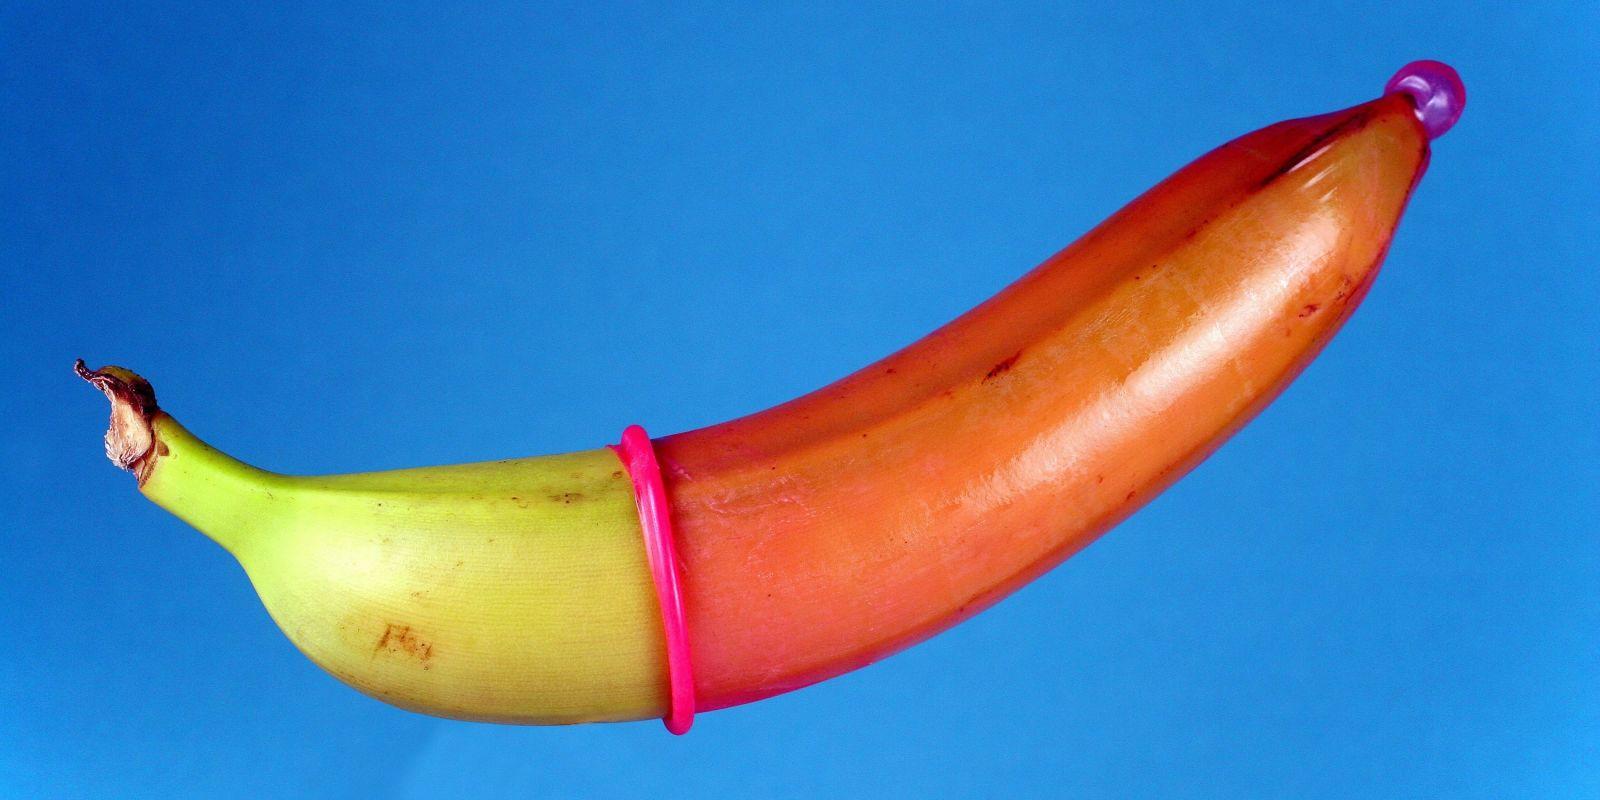 Фото бананчик девушка 24 фотография